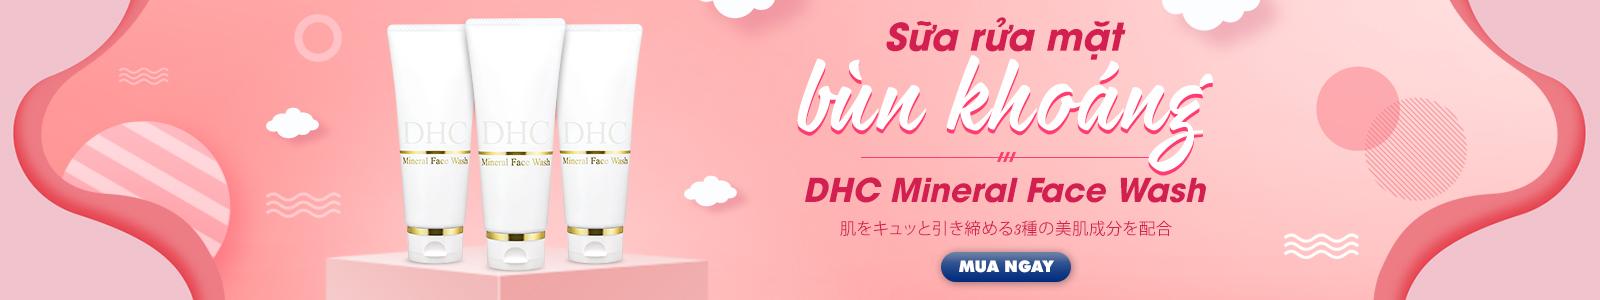 Sữa rửa mặt bùn khoáng DHC Mineral Face Wash 100g